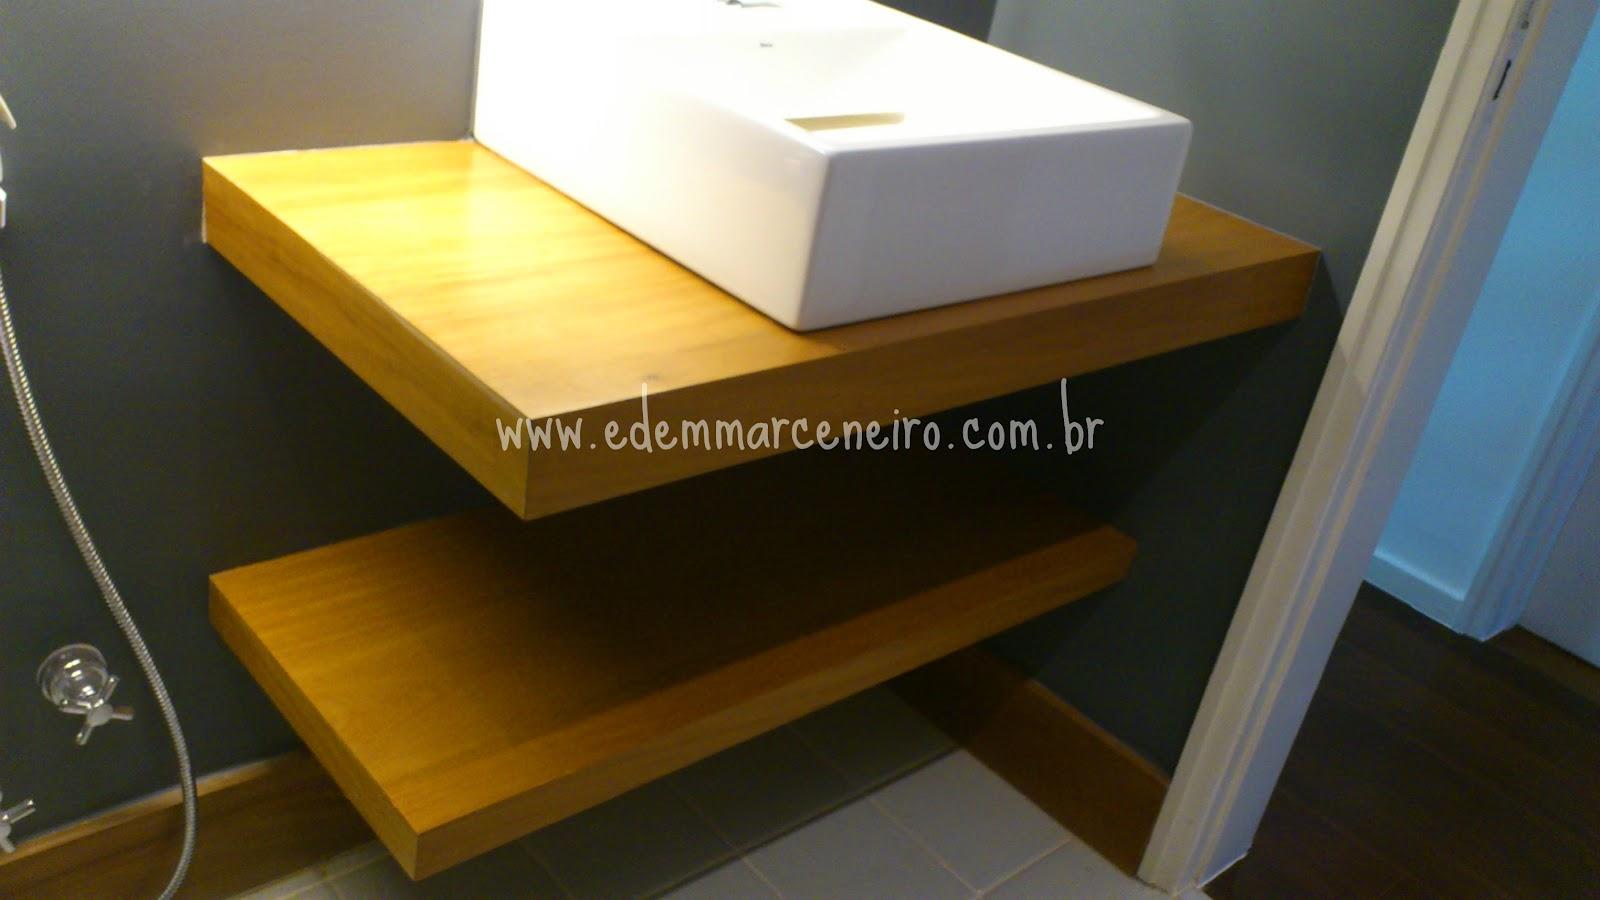 Aproveite e siga o Instagam Edem marceneiro e curta a página Edem  #C1A30A 1600x900 Banheiro Com Bancada De Madeira